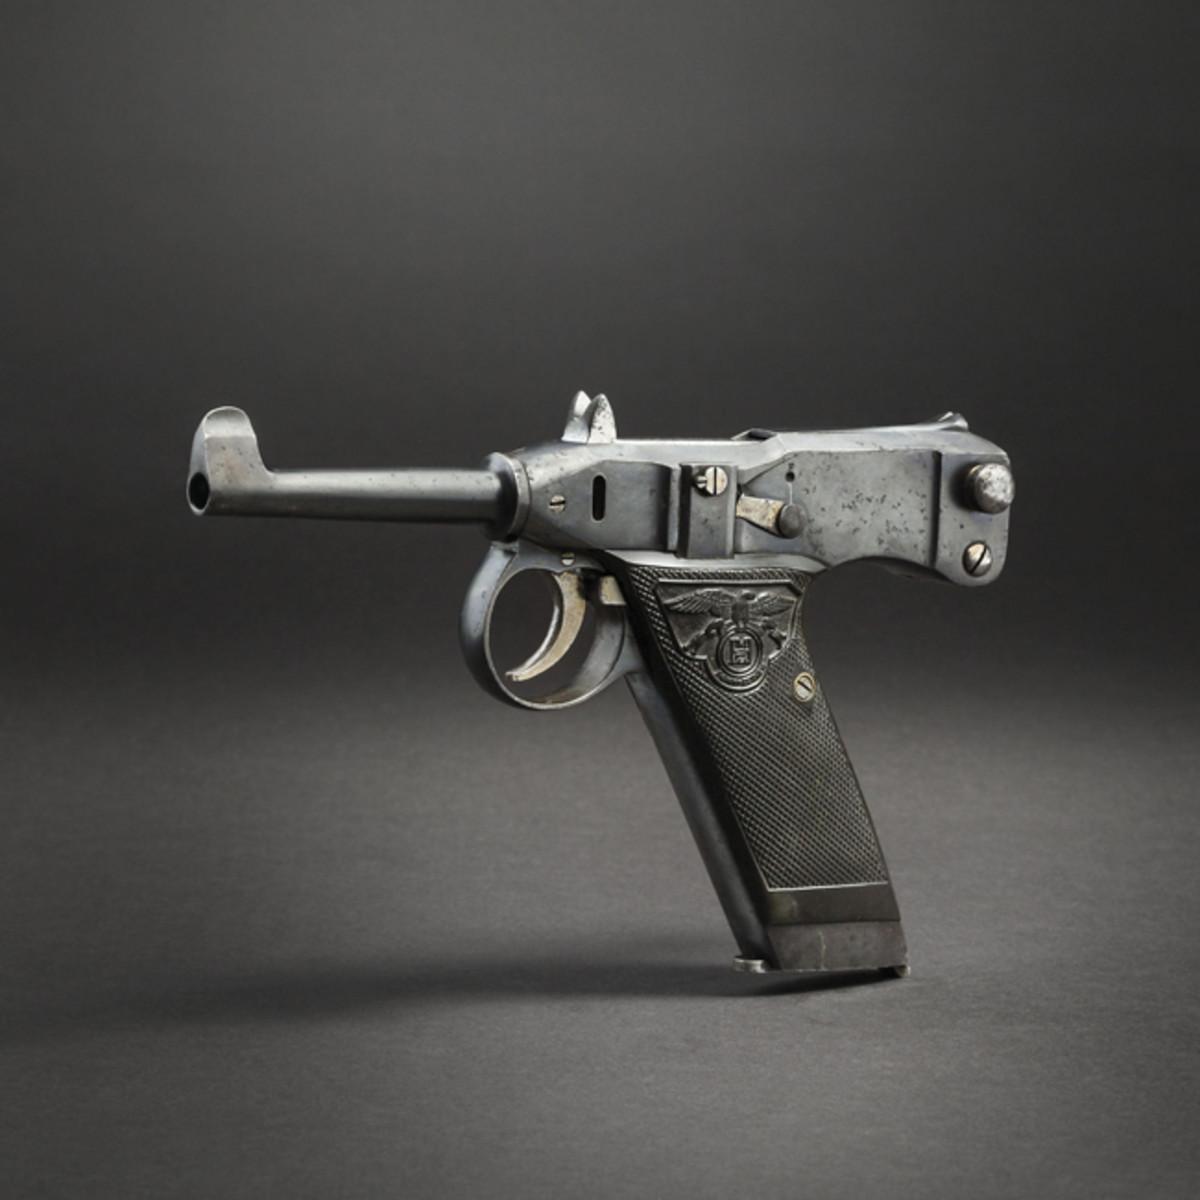 One of the rarest self-loading pistols, an Adler self-loading pistol, 1907